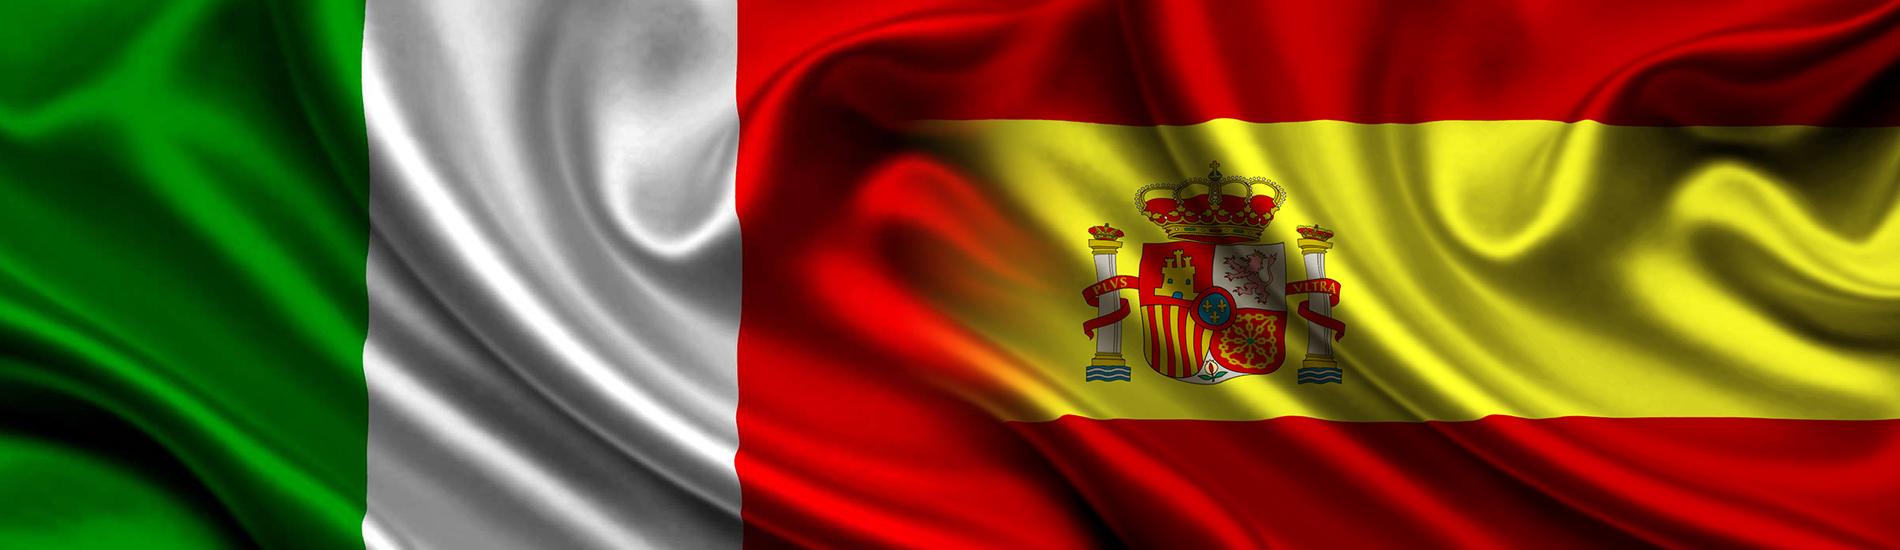 Popust od 50% za tečajeve španjolskog i talijanskog